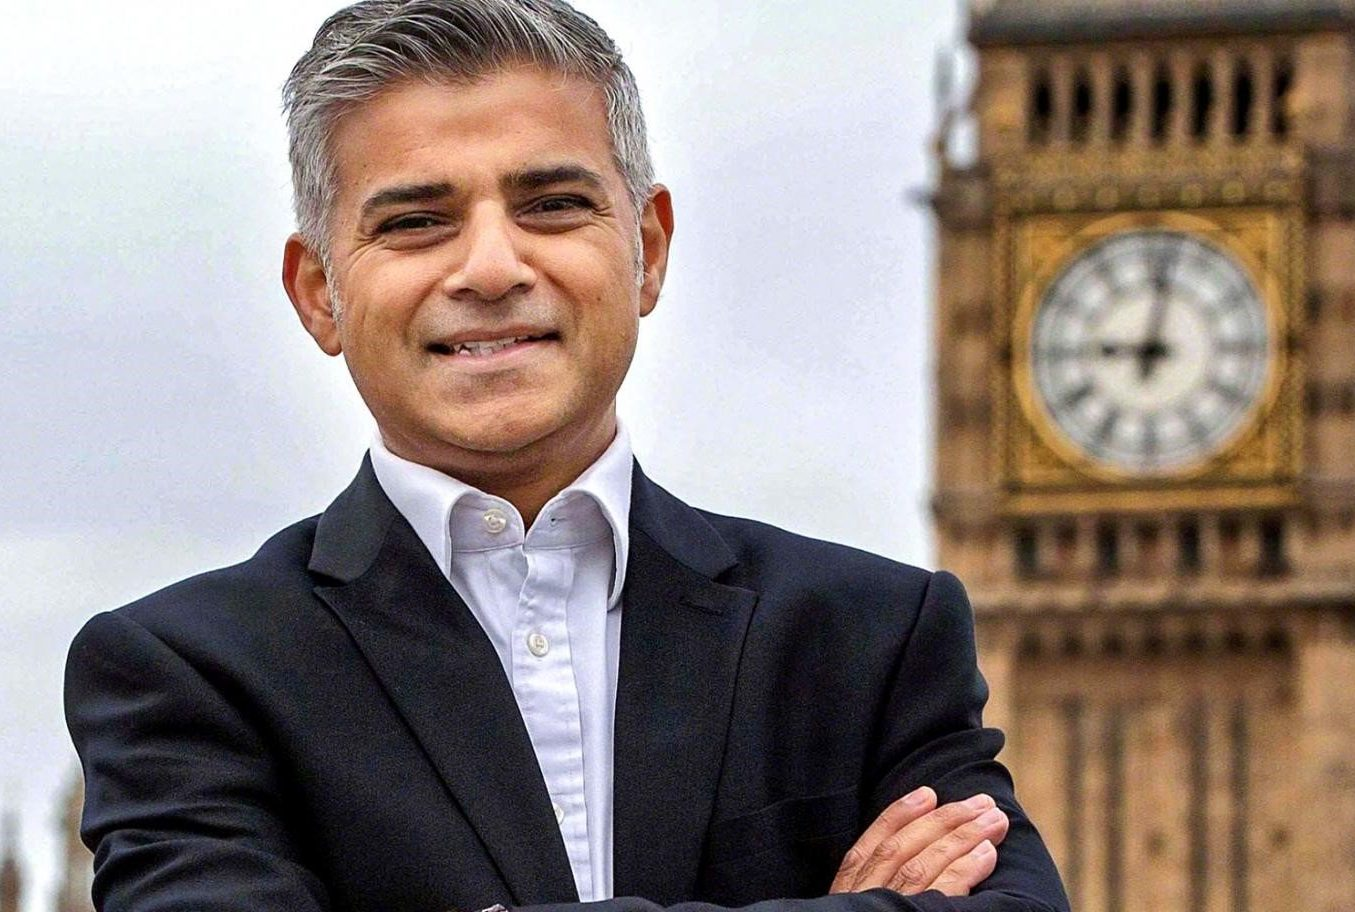 Why is Mayor Sadiq Khan a Ray of Hope?